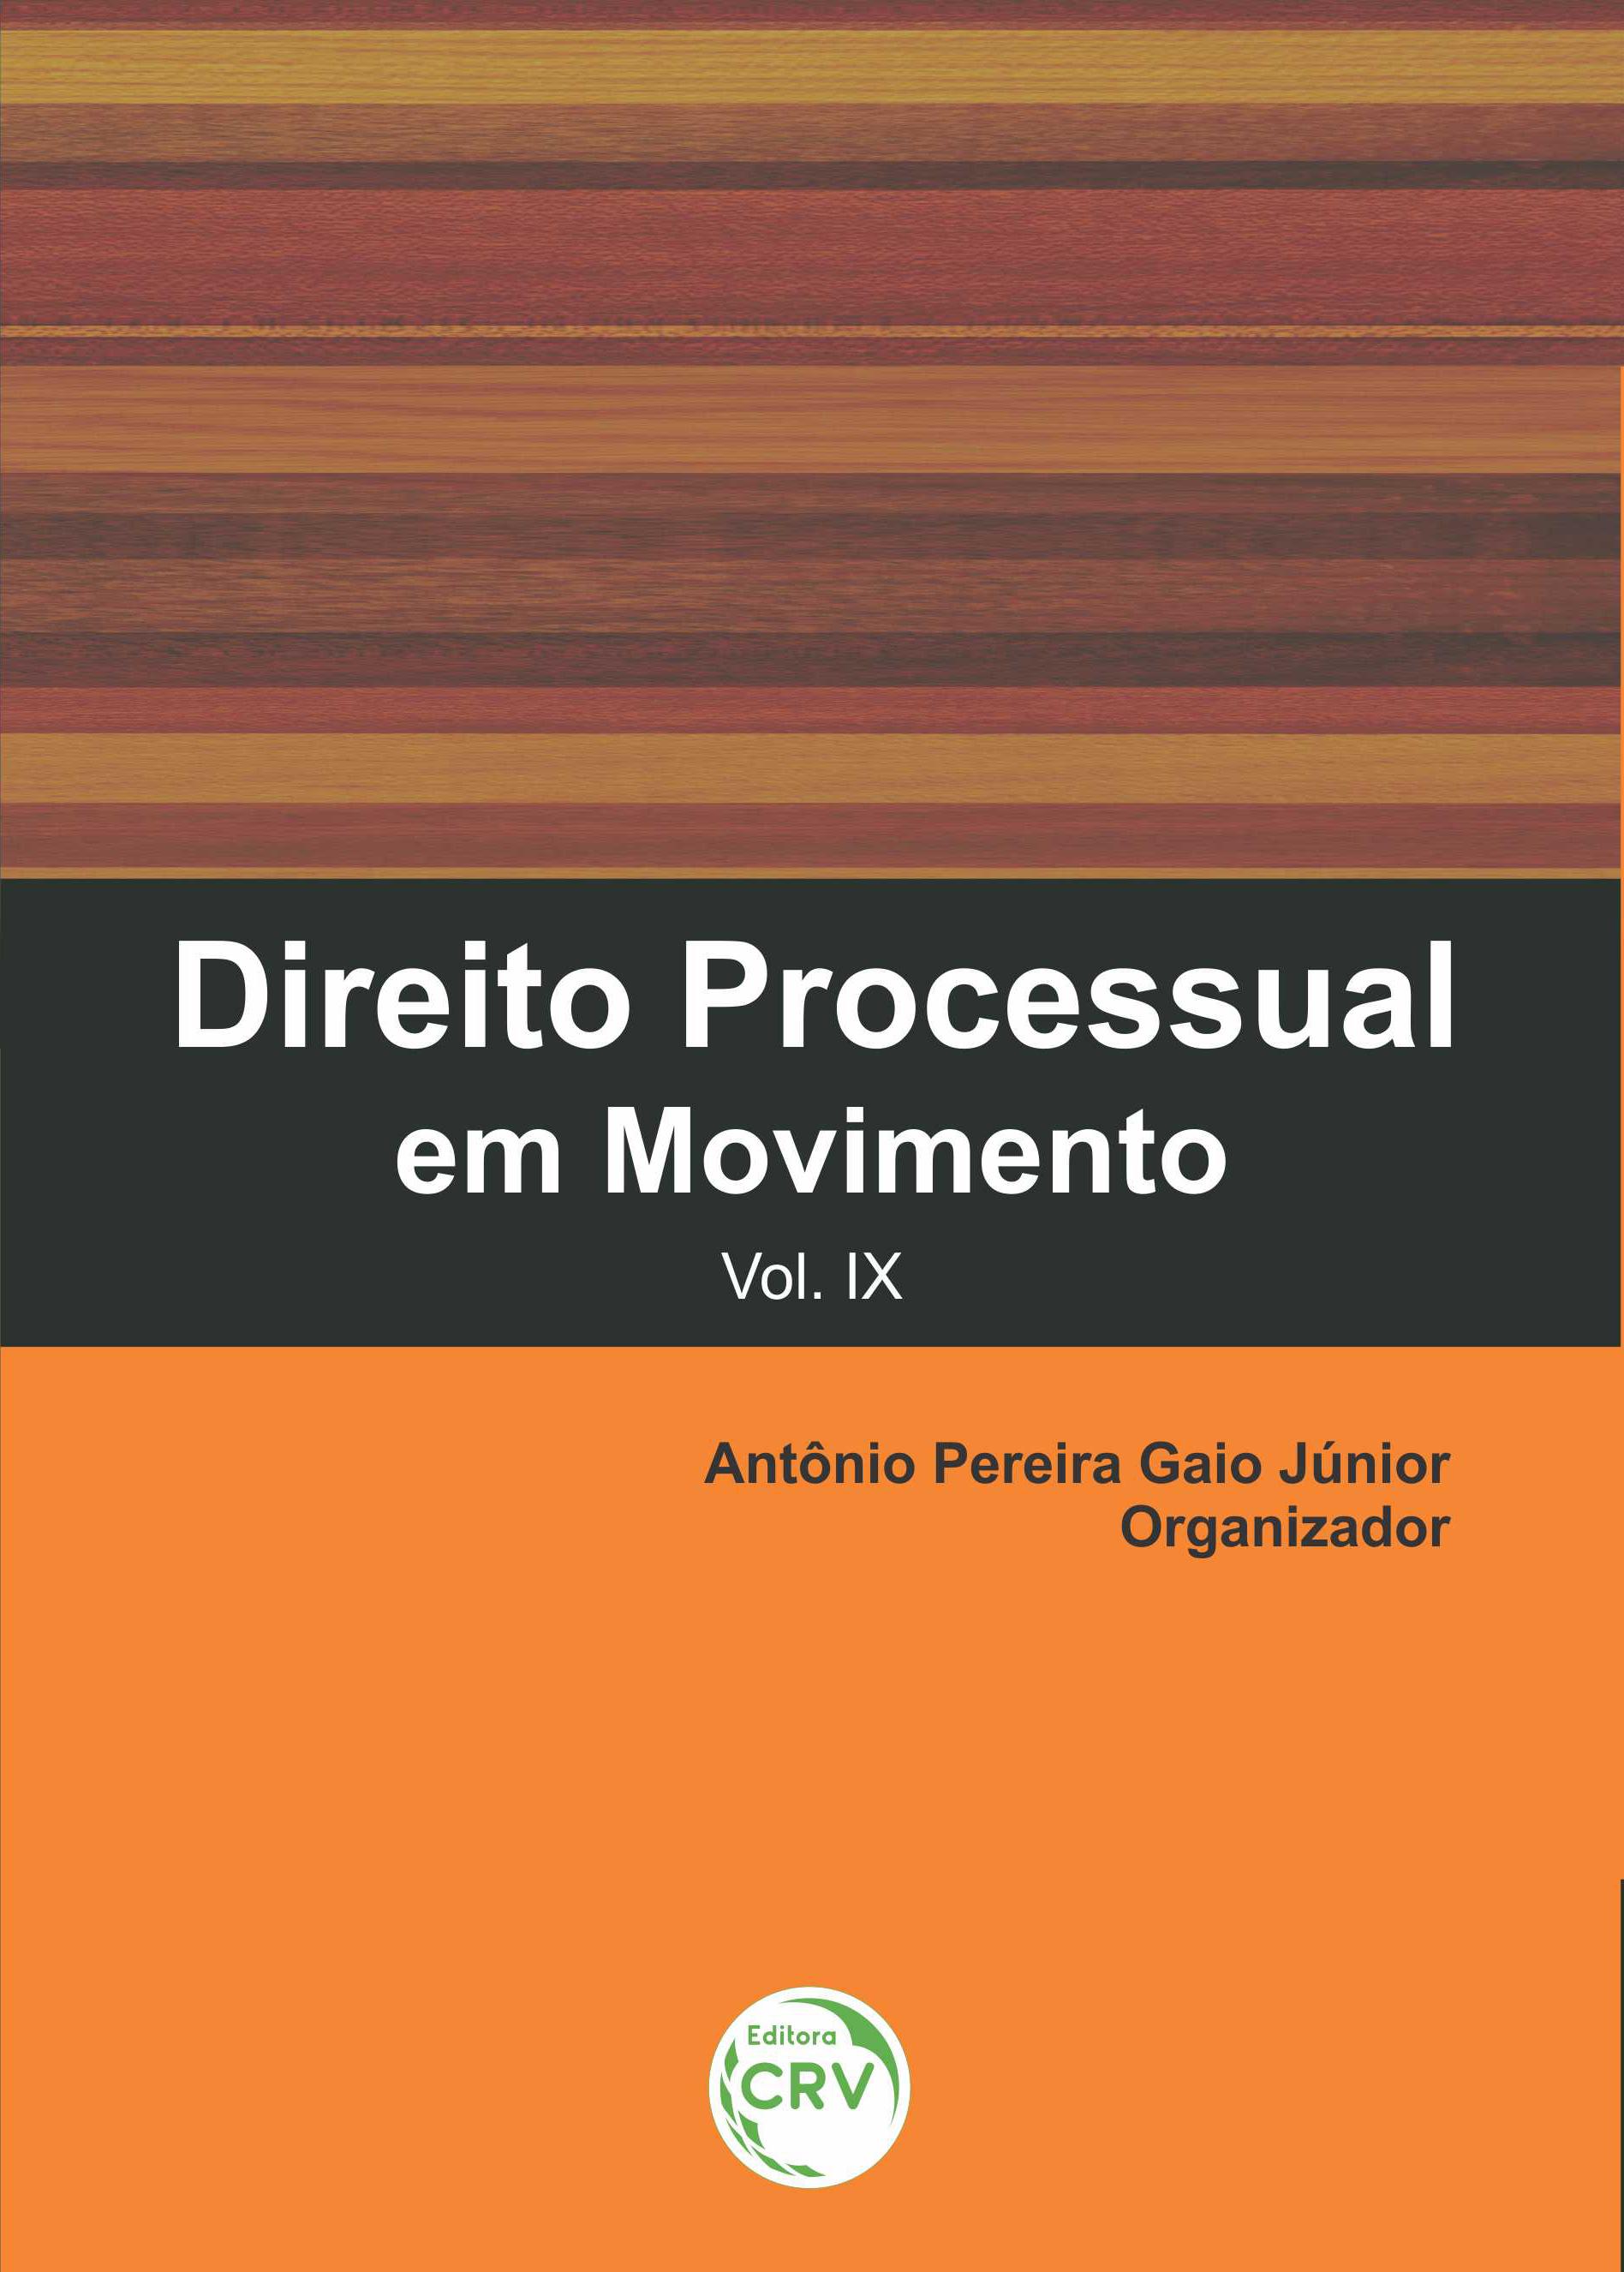 Capa do livro: DIREITO PROCESSUAL EM MOVIMENTO <BR> <BR>Vol. IX